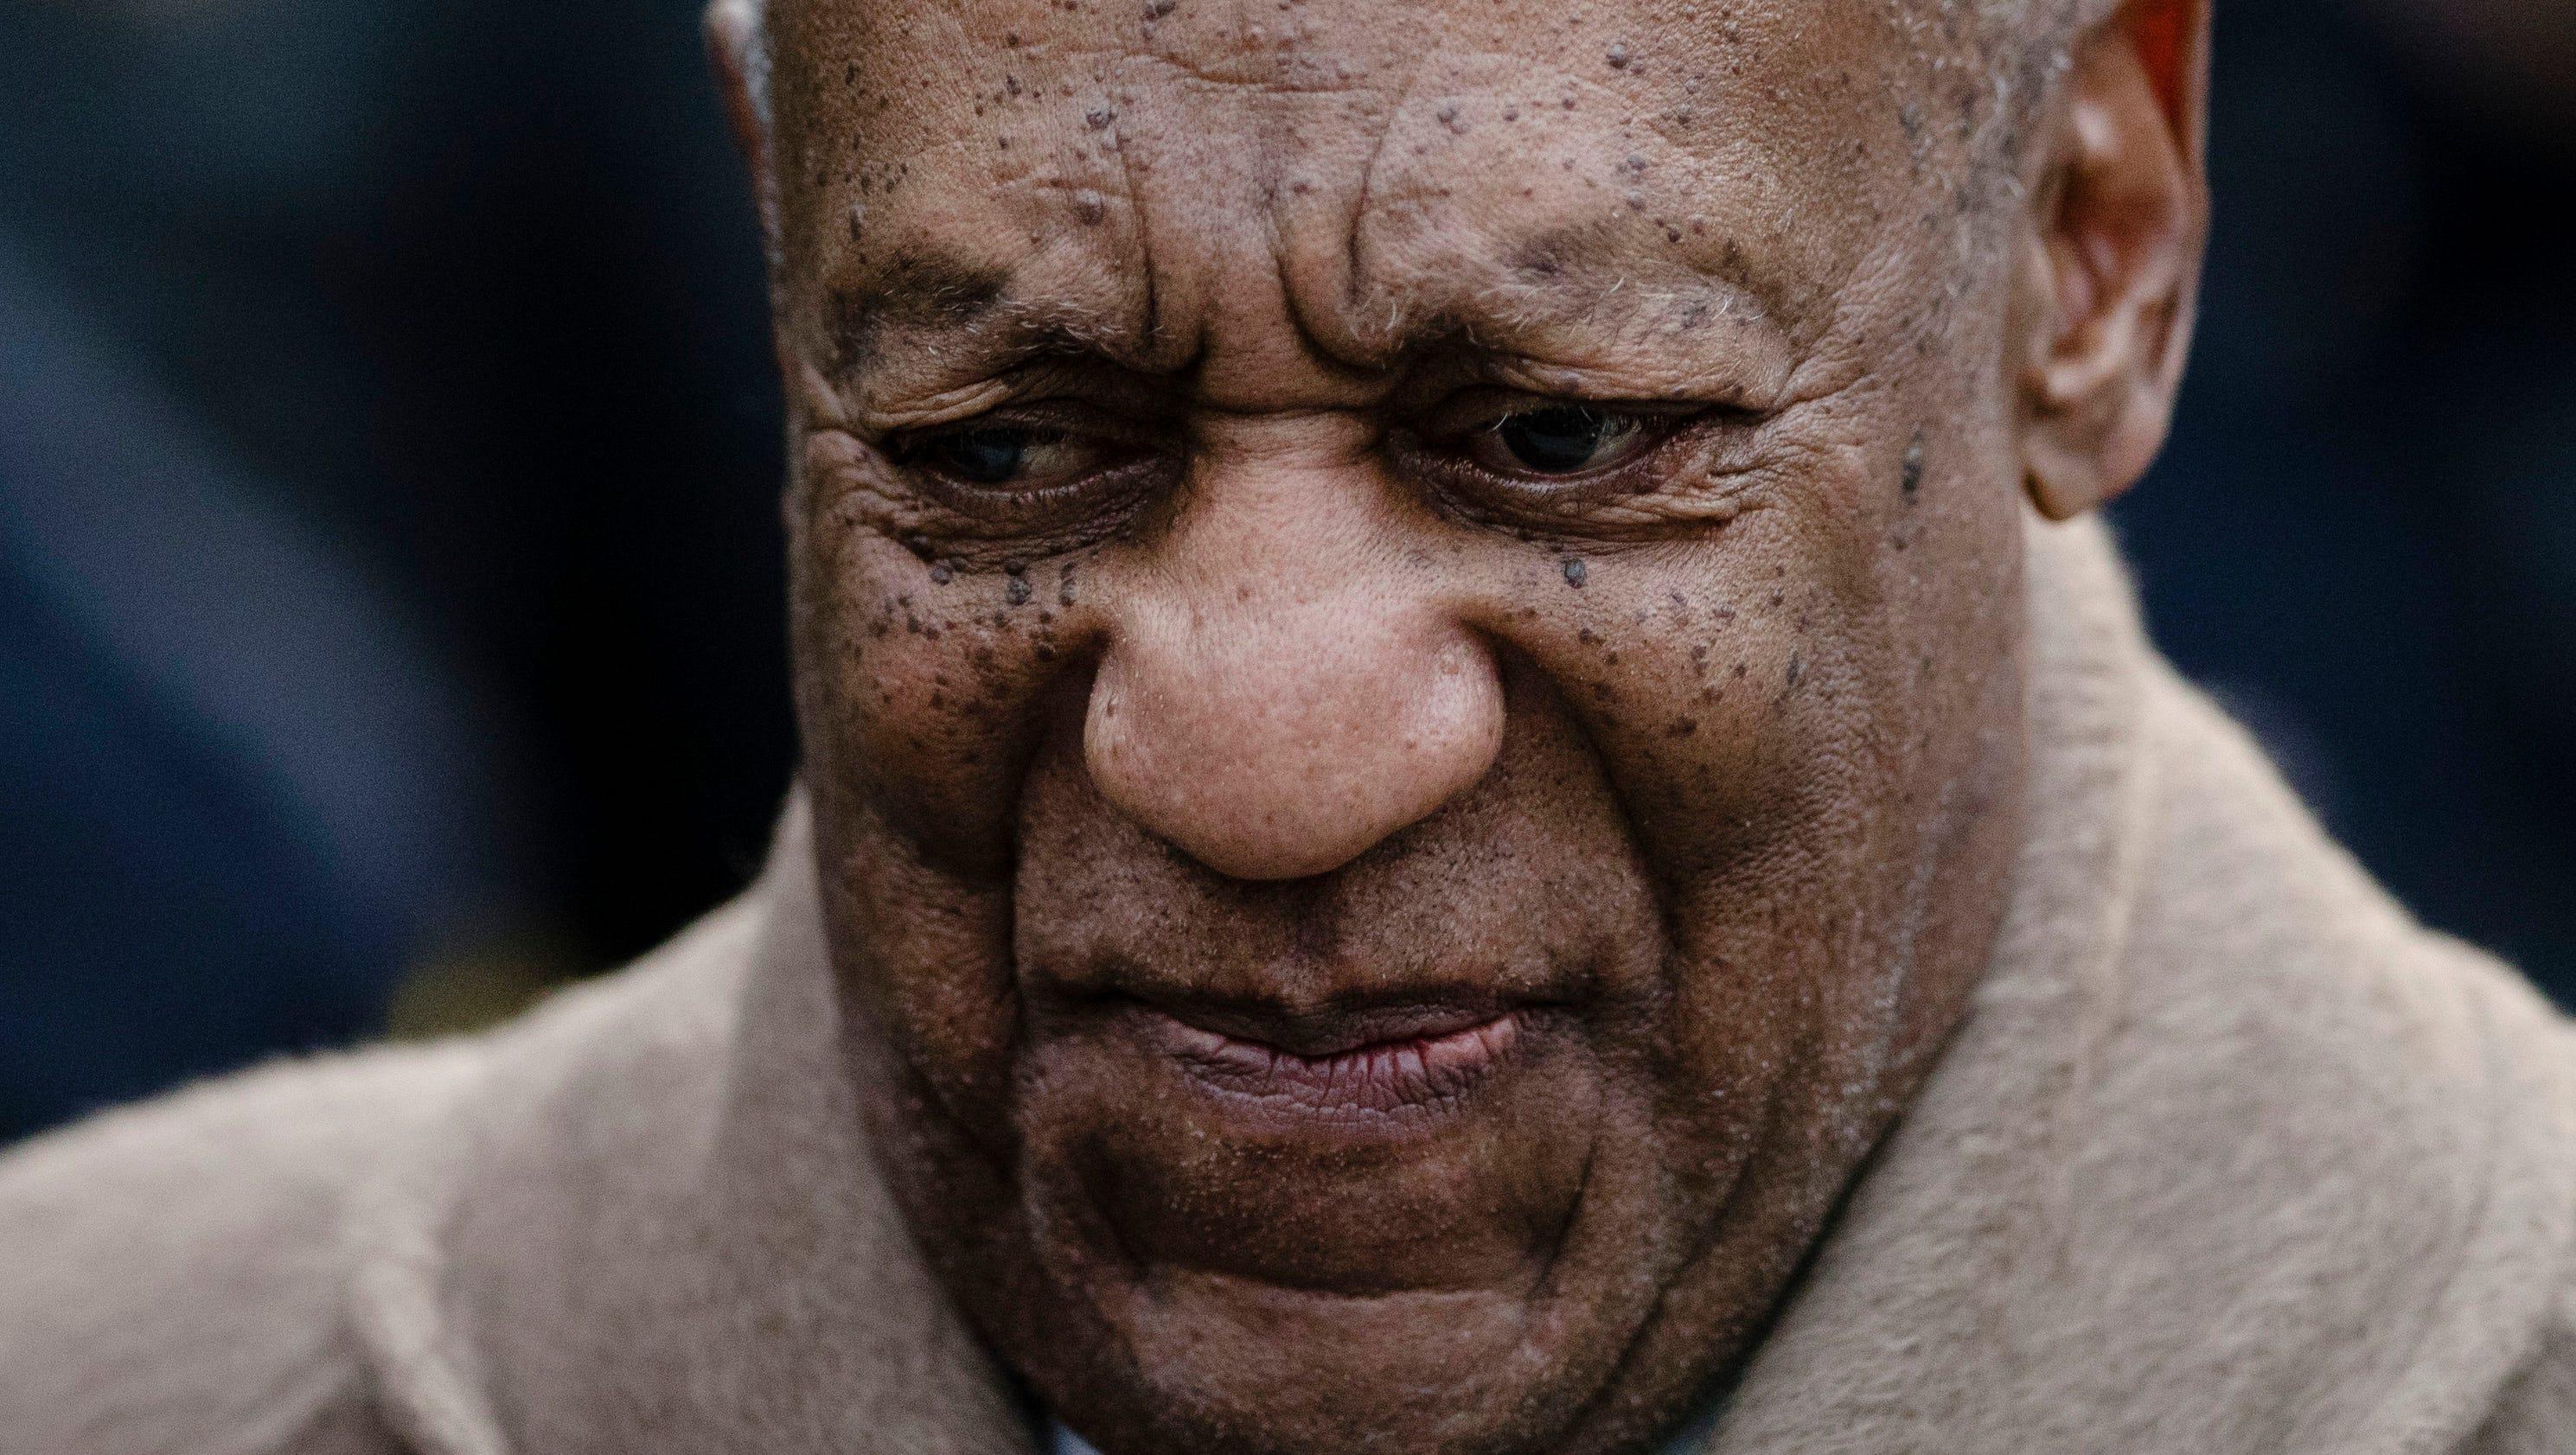 Cosby Seeks Change Of Venue As Coming Trial Seems